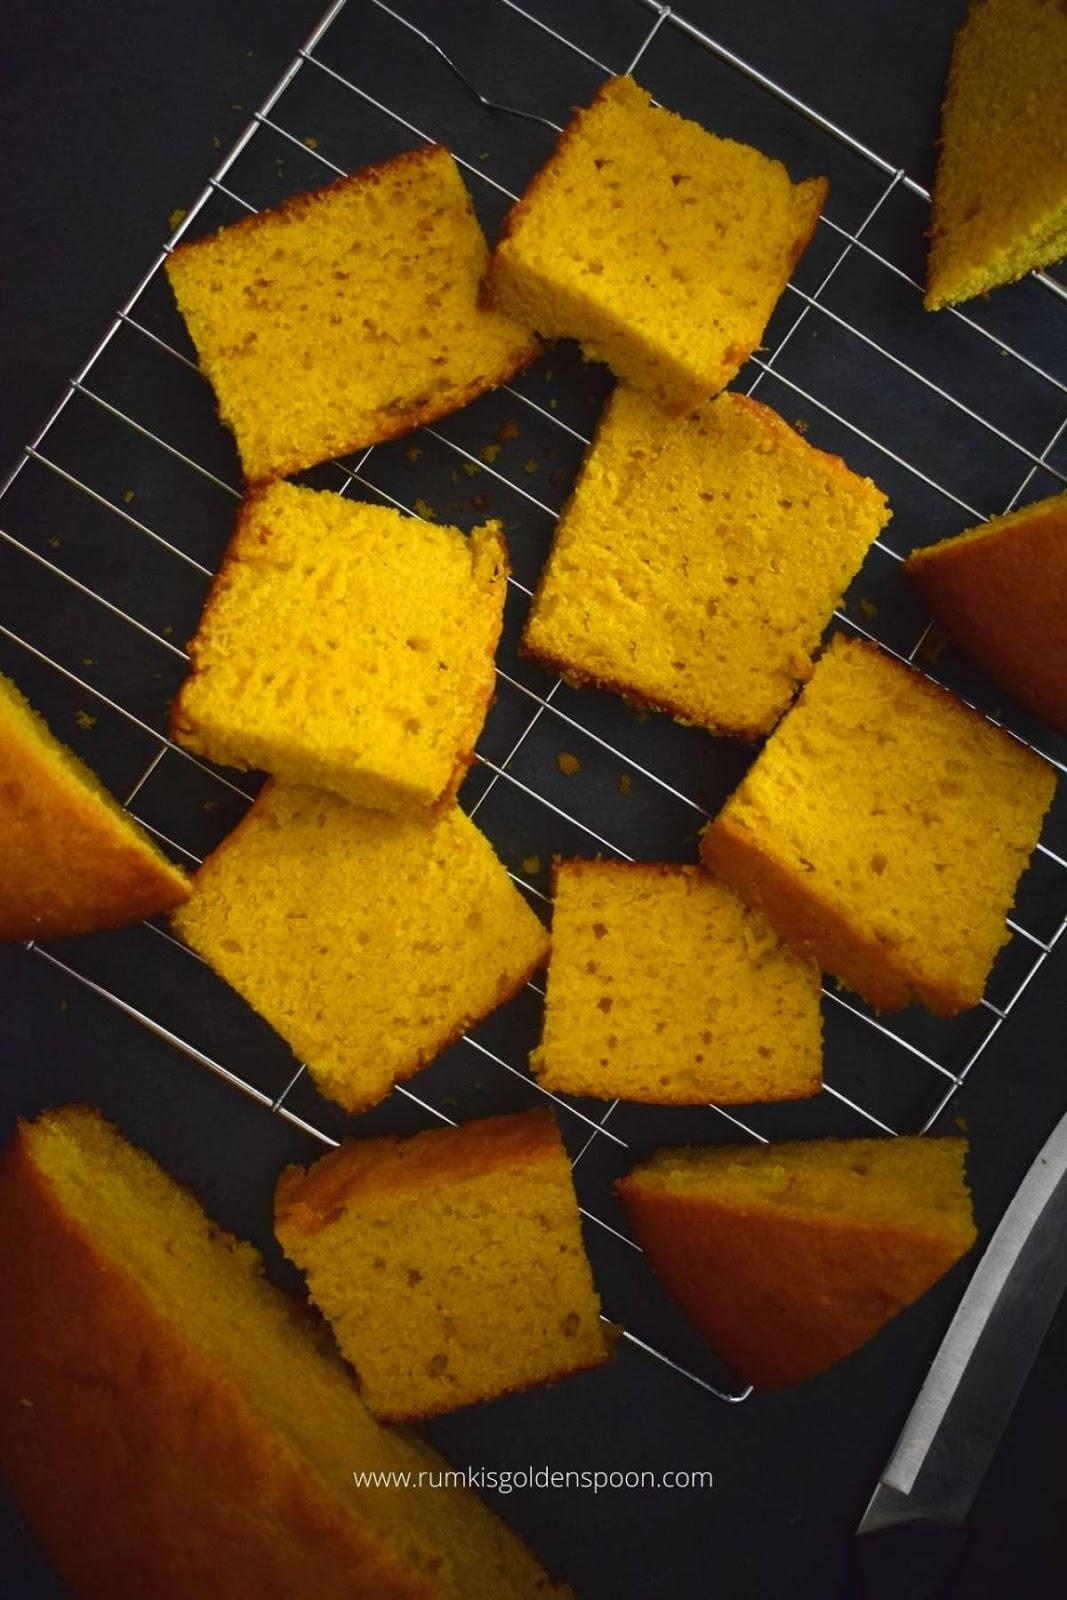 mango cake, mango cake recipe, recipe for mango cake, mango cake images, how to make mango cake, mango cake recipe indian, mango cake recipe with egg, mango sponge cake, mango sponge cake recipe, how to make mango cake at home, mango cake easy recipe, mango cake with egg, mango cake sponge, mango cake easy, mango cake recipe easy, how to bake mango cake, mango cake garnish, mango cake ingredients, mango cake indian, mango cake homemade, mango cake recipe with mango pulp, simple mango sponge cake recipe, moist mango sponge cake, cake recipe indian, tea cake recipe Indian, mango dessert recipes, Rumki's Golden Spoon